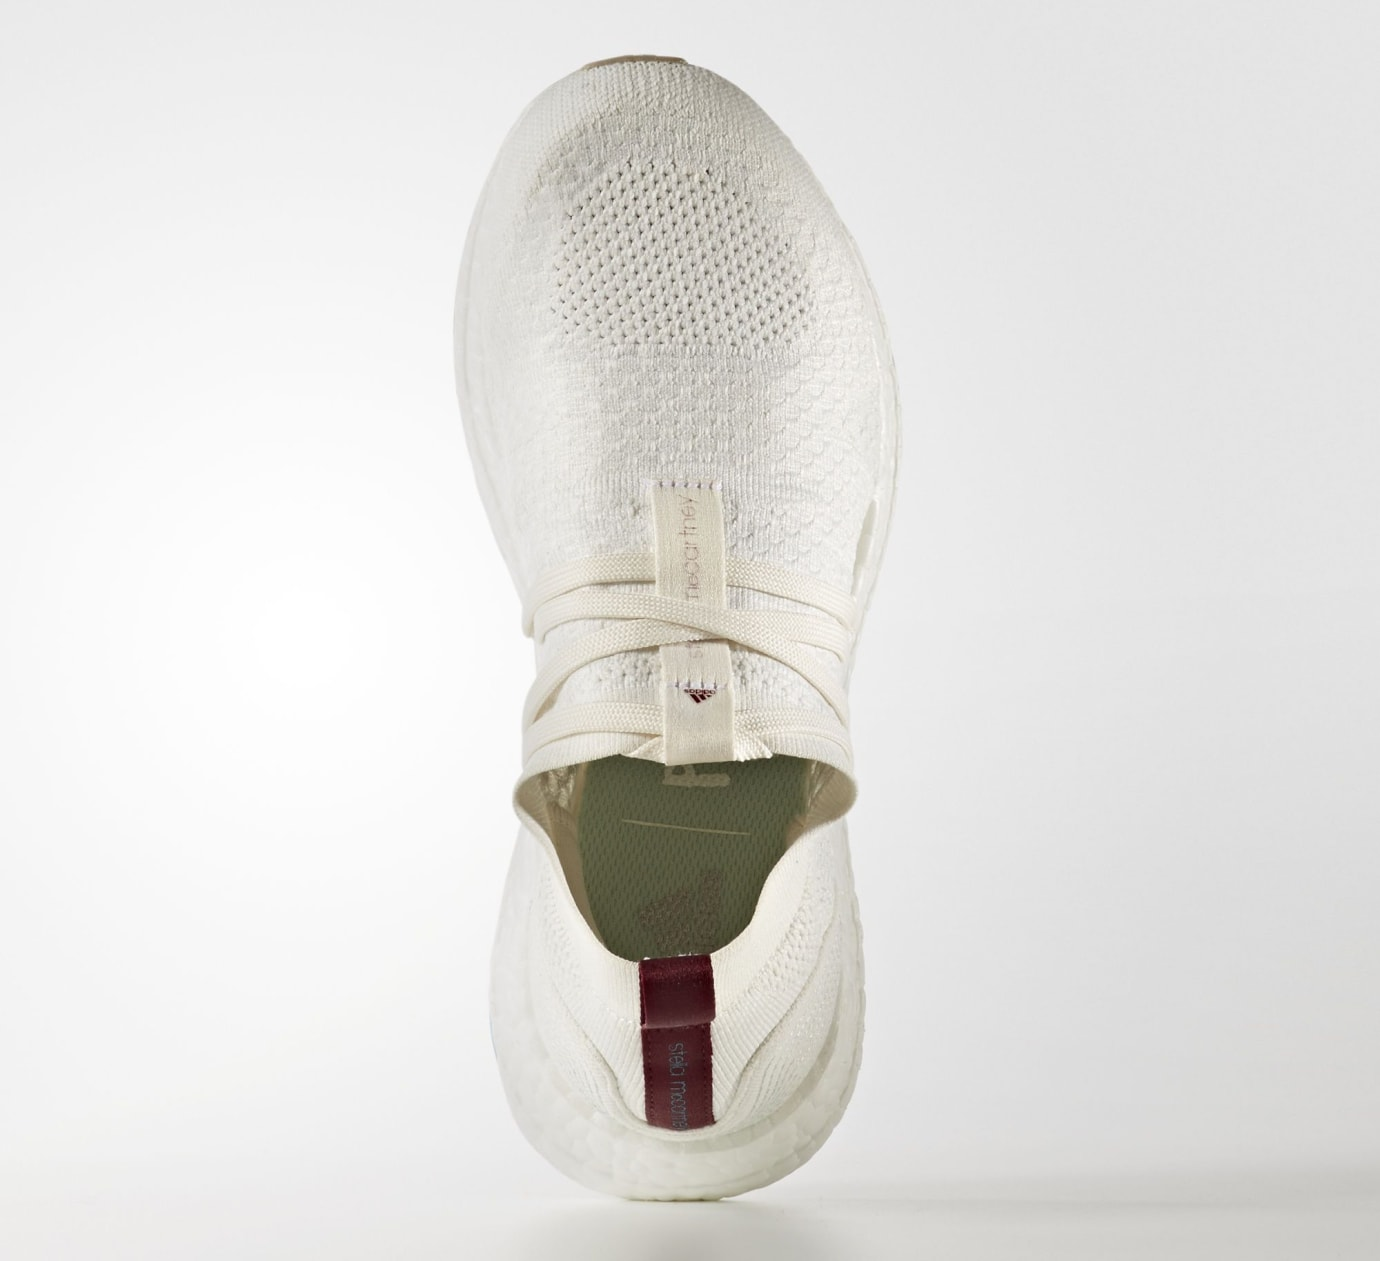 241dd27c6 Image via Adidas Parley Adidas Ultra Boost X Stella McCartney BB5511 Top